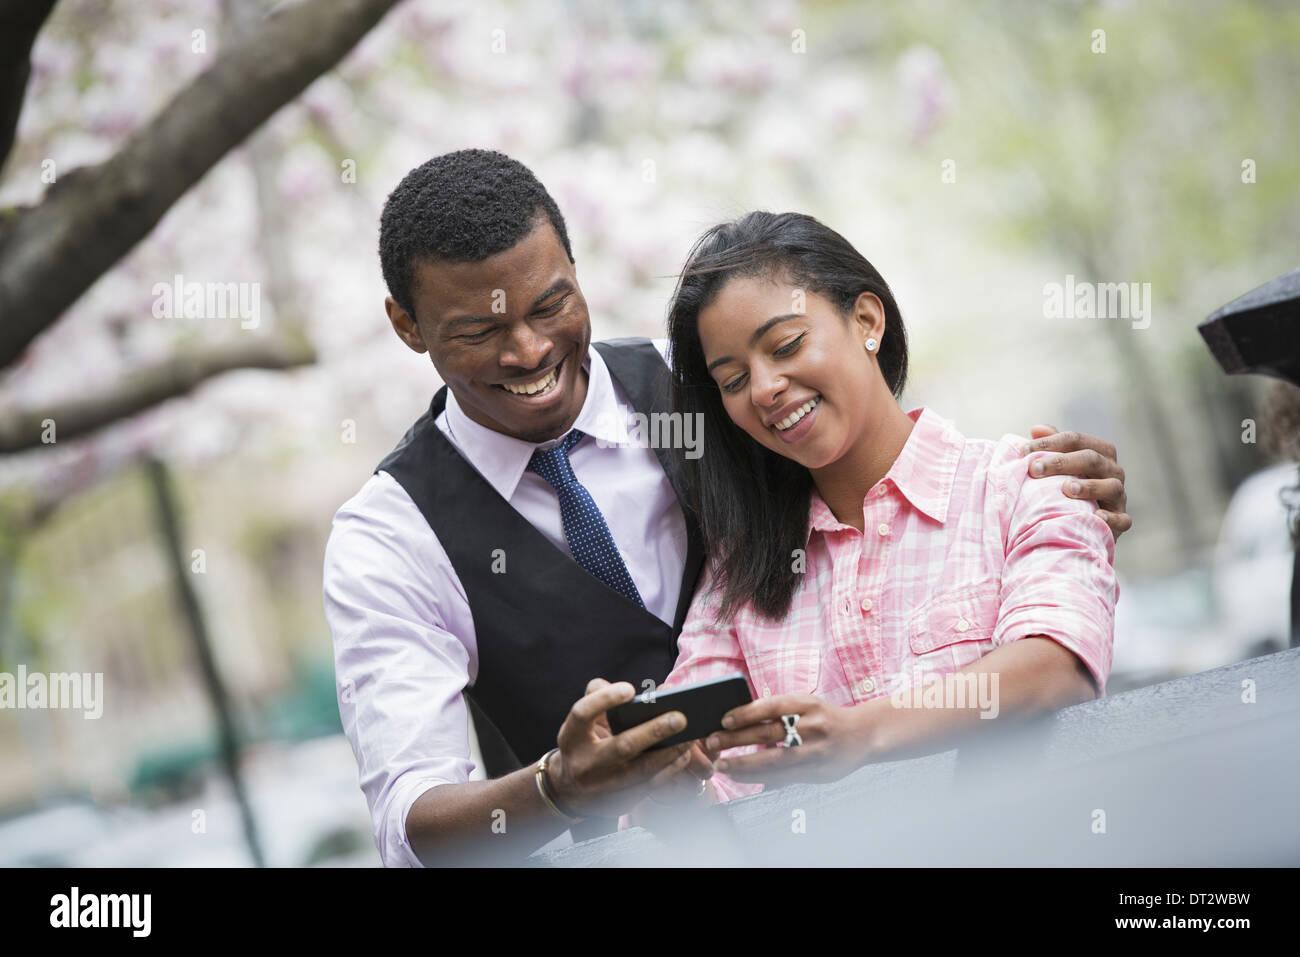 Vue sur cityYoung une ou deux personnes côte à côte avec son bras autour de ses épaules en regardant un téléphone intelligent et souriant Photo Stock